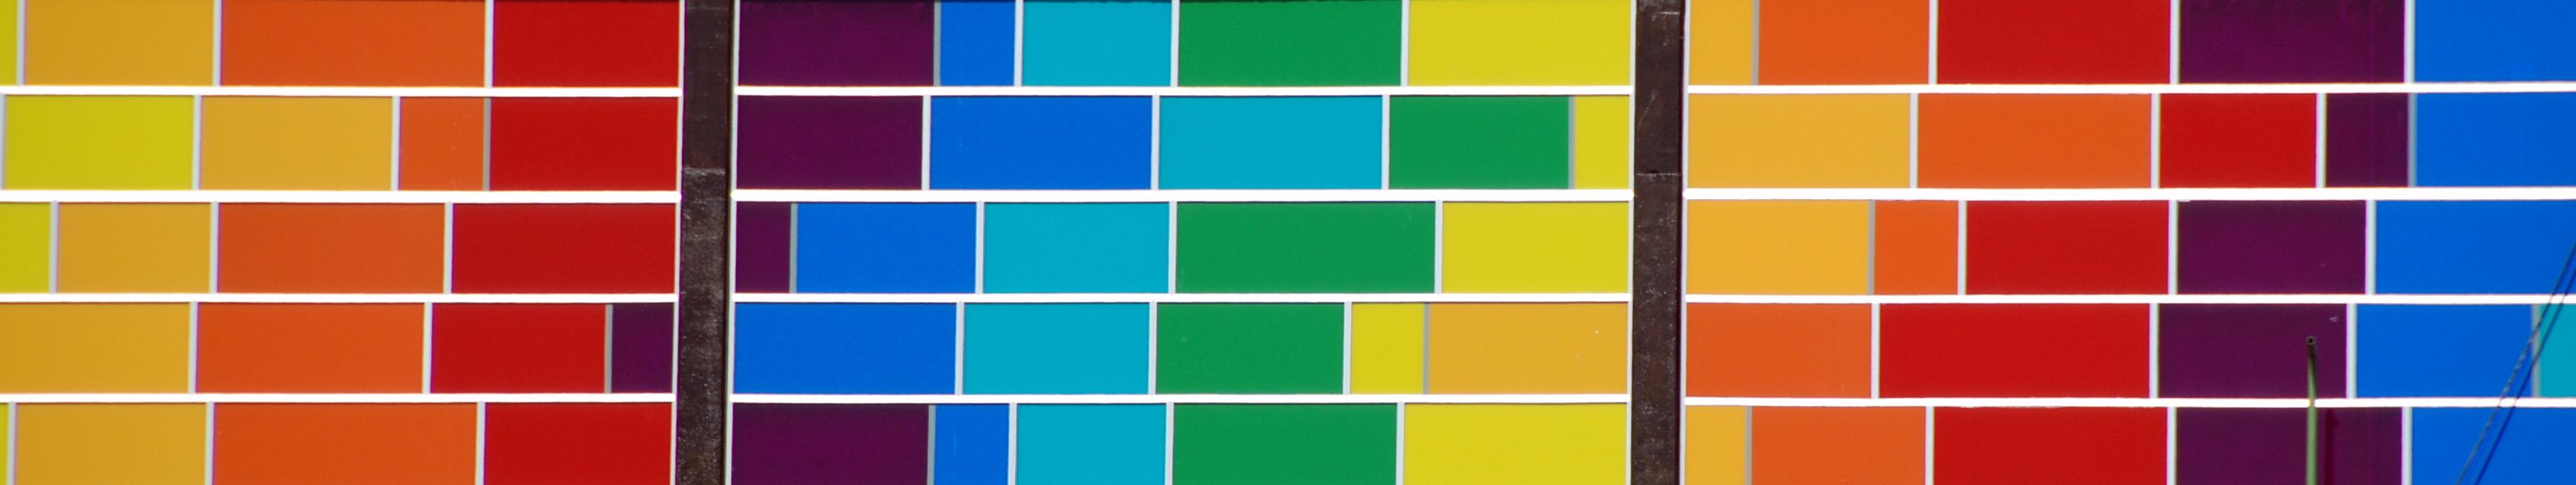 Vidriera de colores canarias creativa - Vidrieras de colores ...